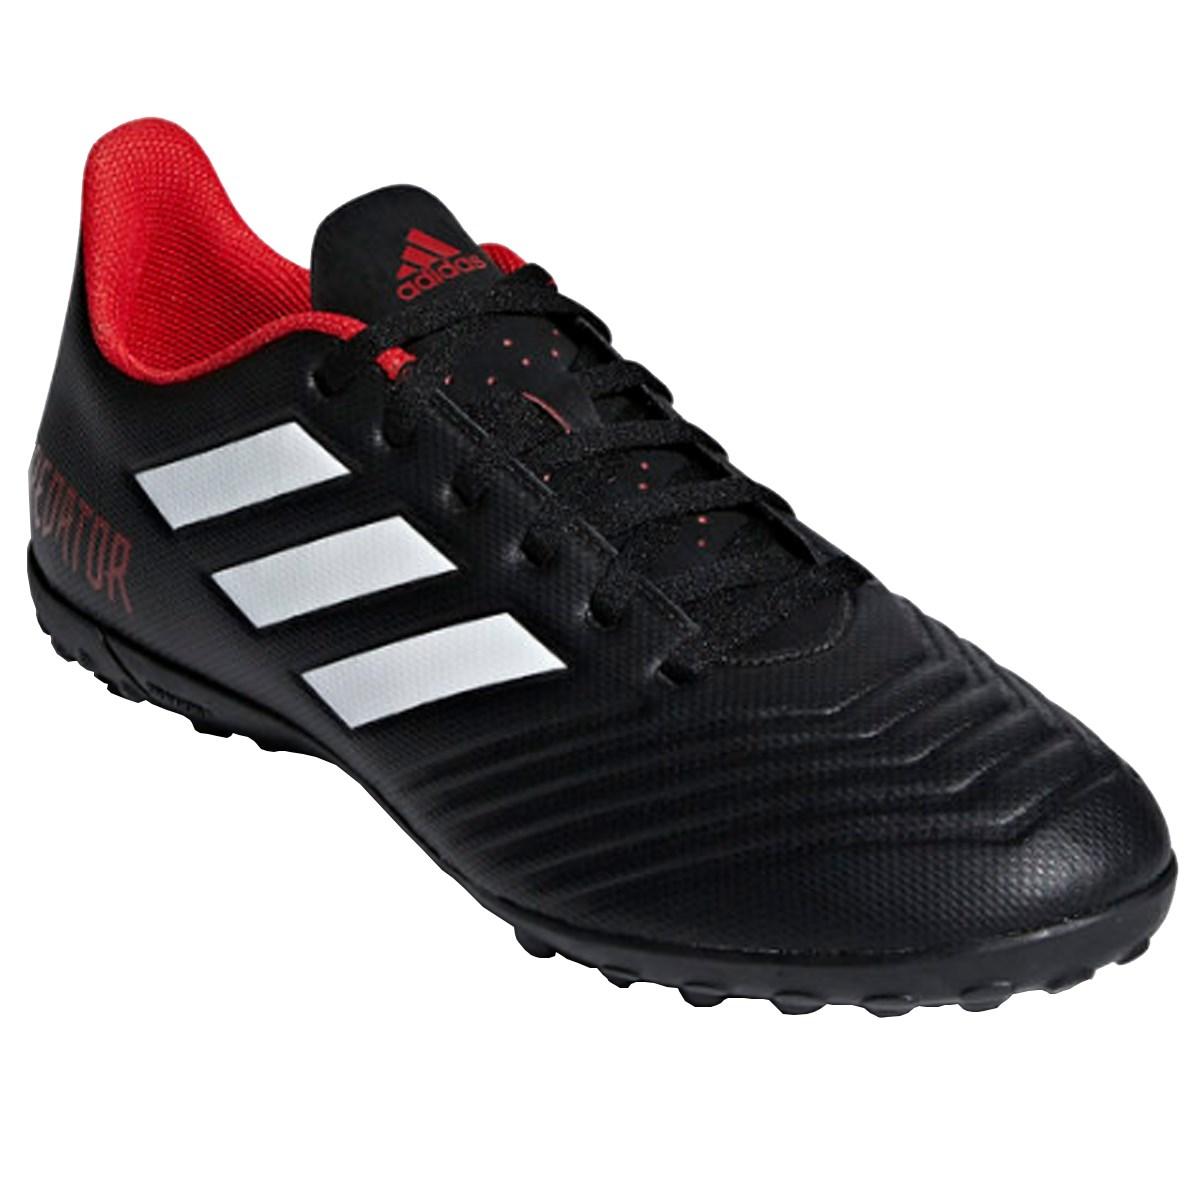 130a73e113e39 ... discount code for chuteira society adidas predator 18. 4 masculina  f15c3 3a39a